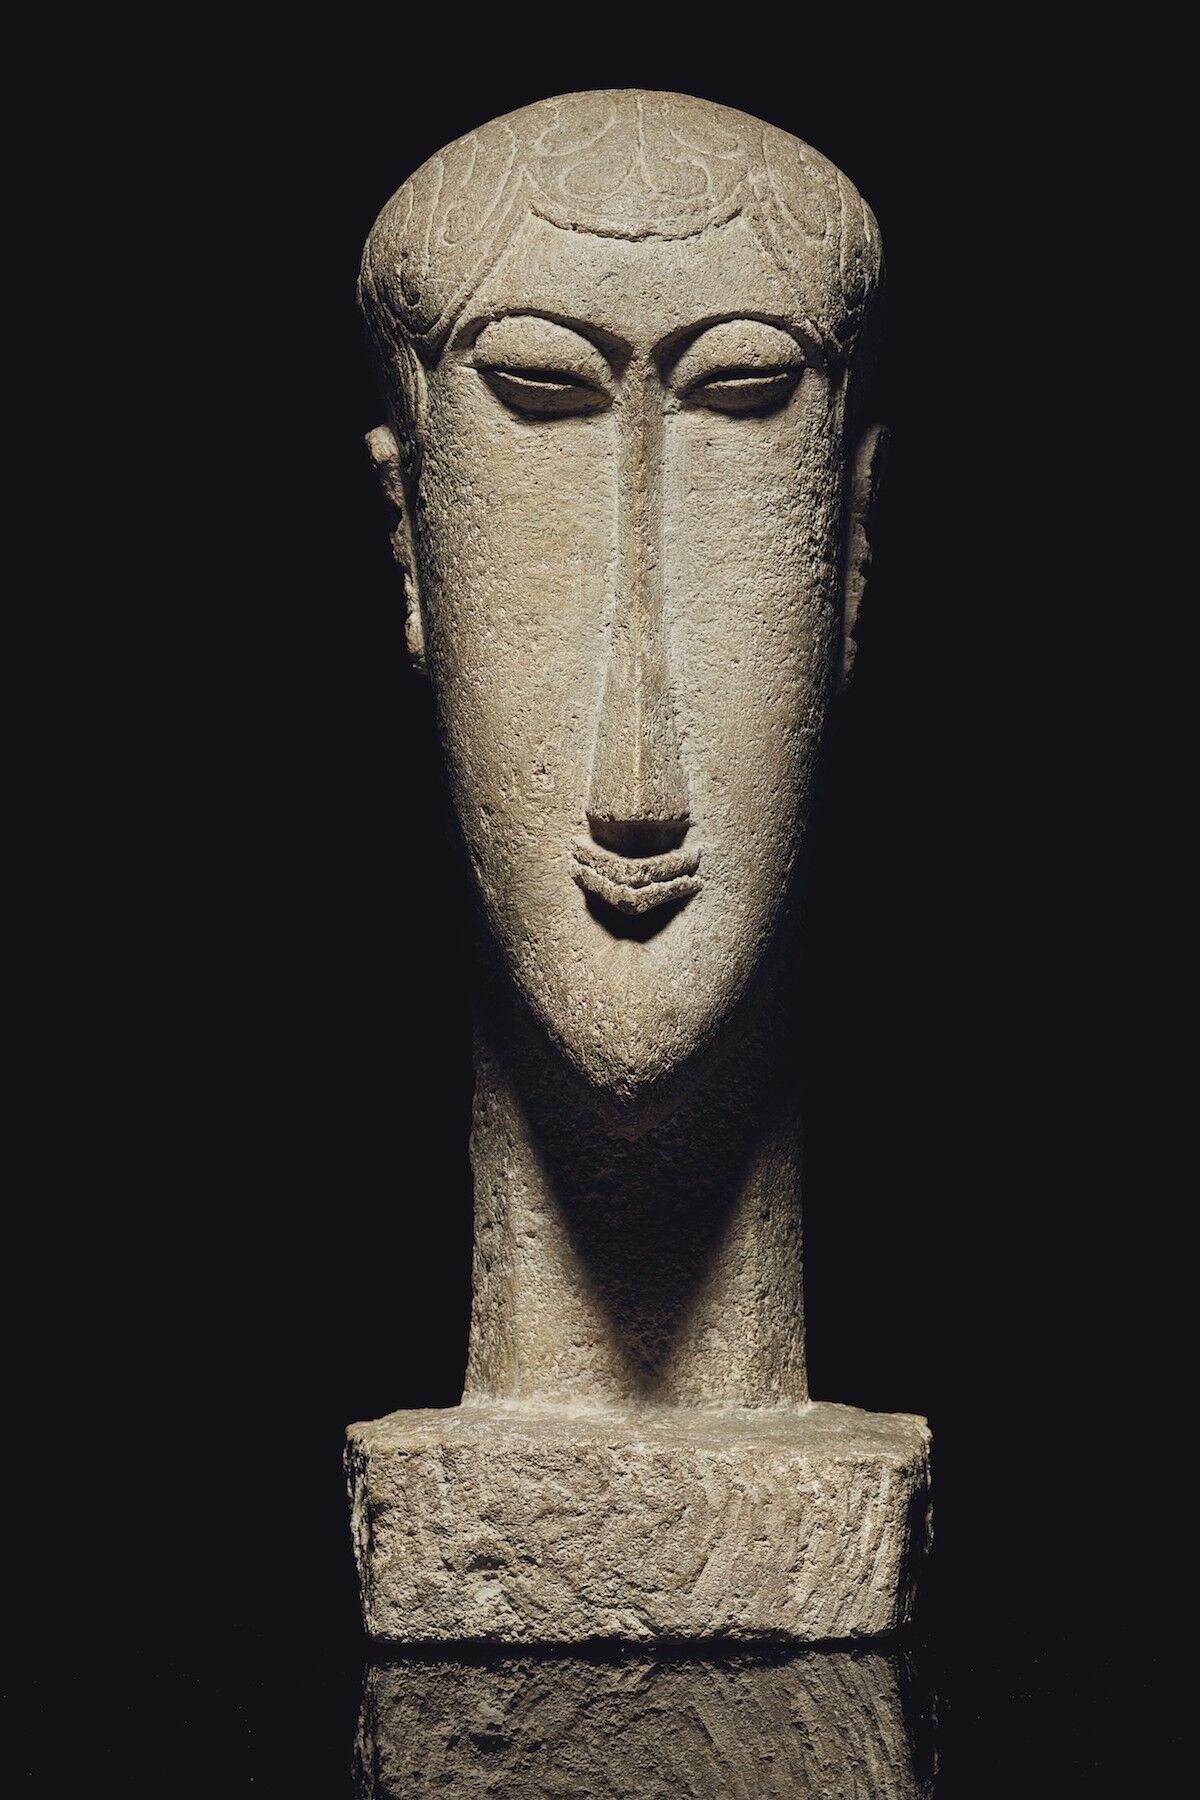 Amedeo Modigliani, Tête, ca. 1911–12, limestone. Est. $30 million–$40 million. Courtesy Christie's.